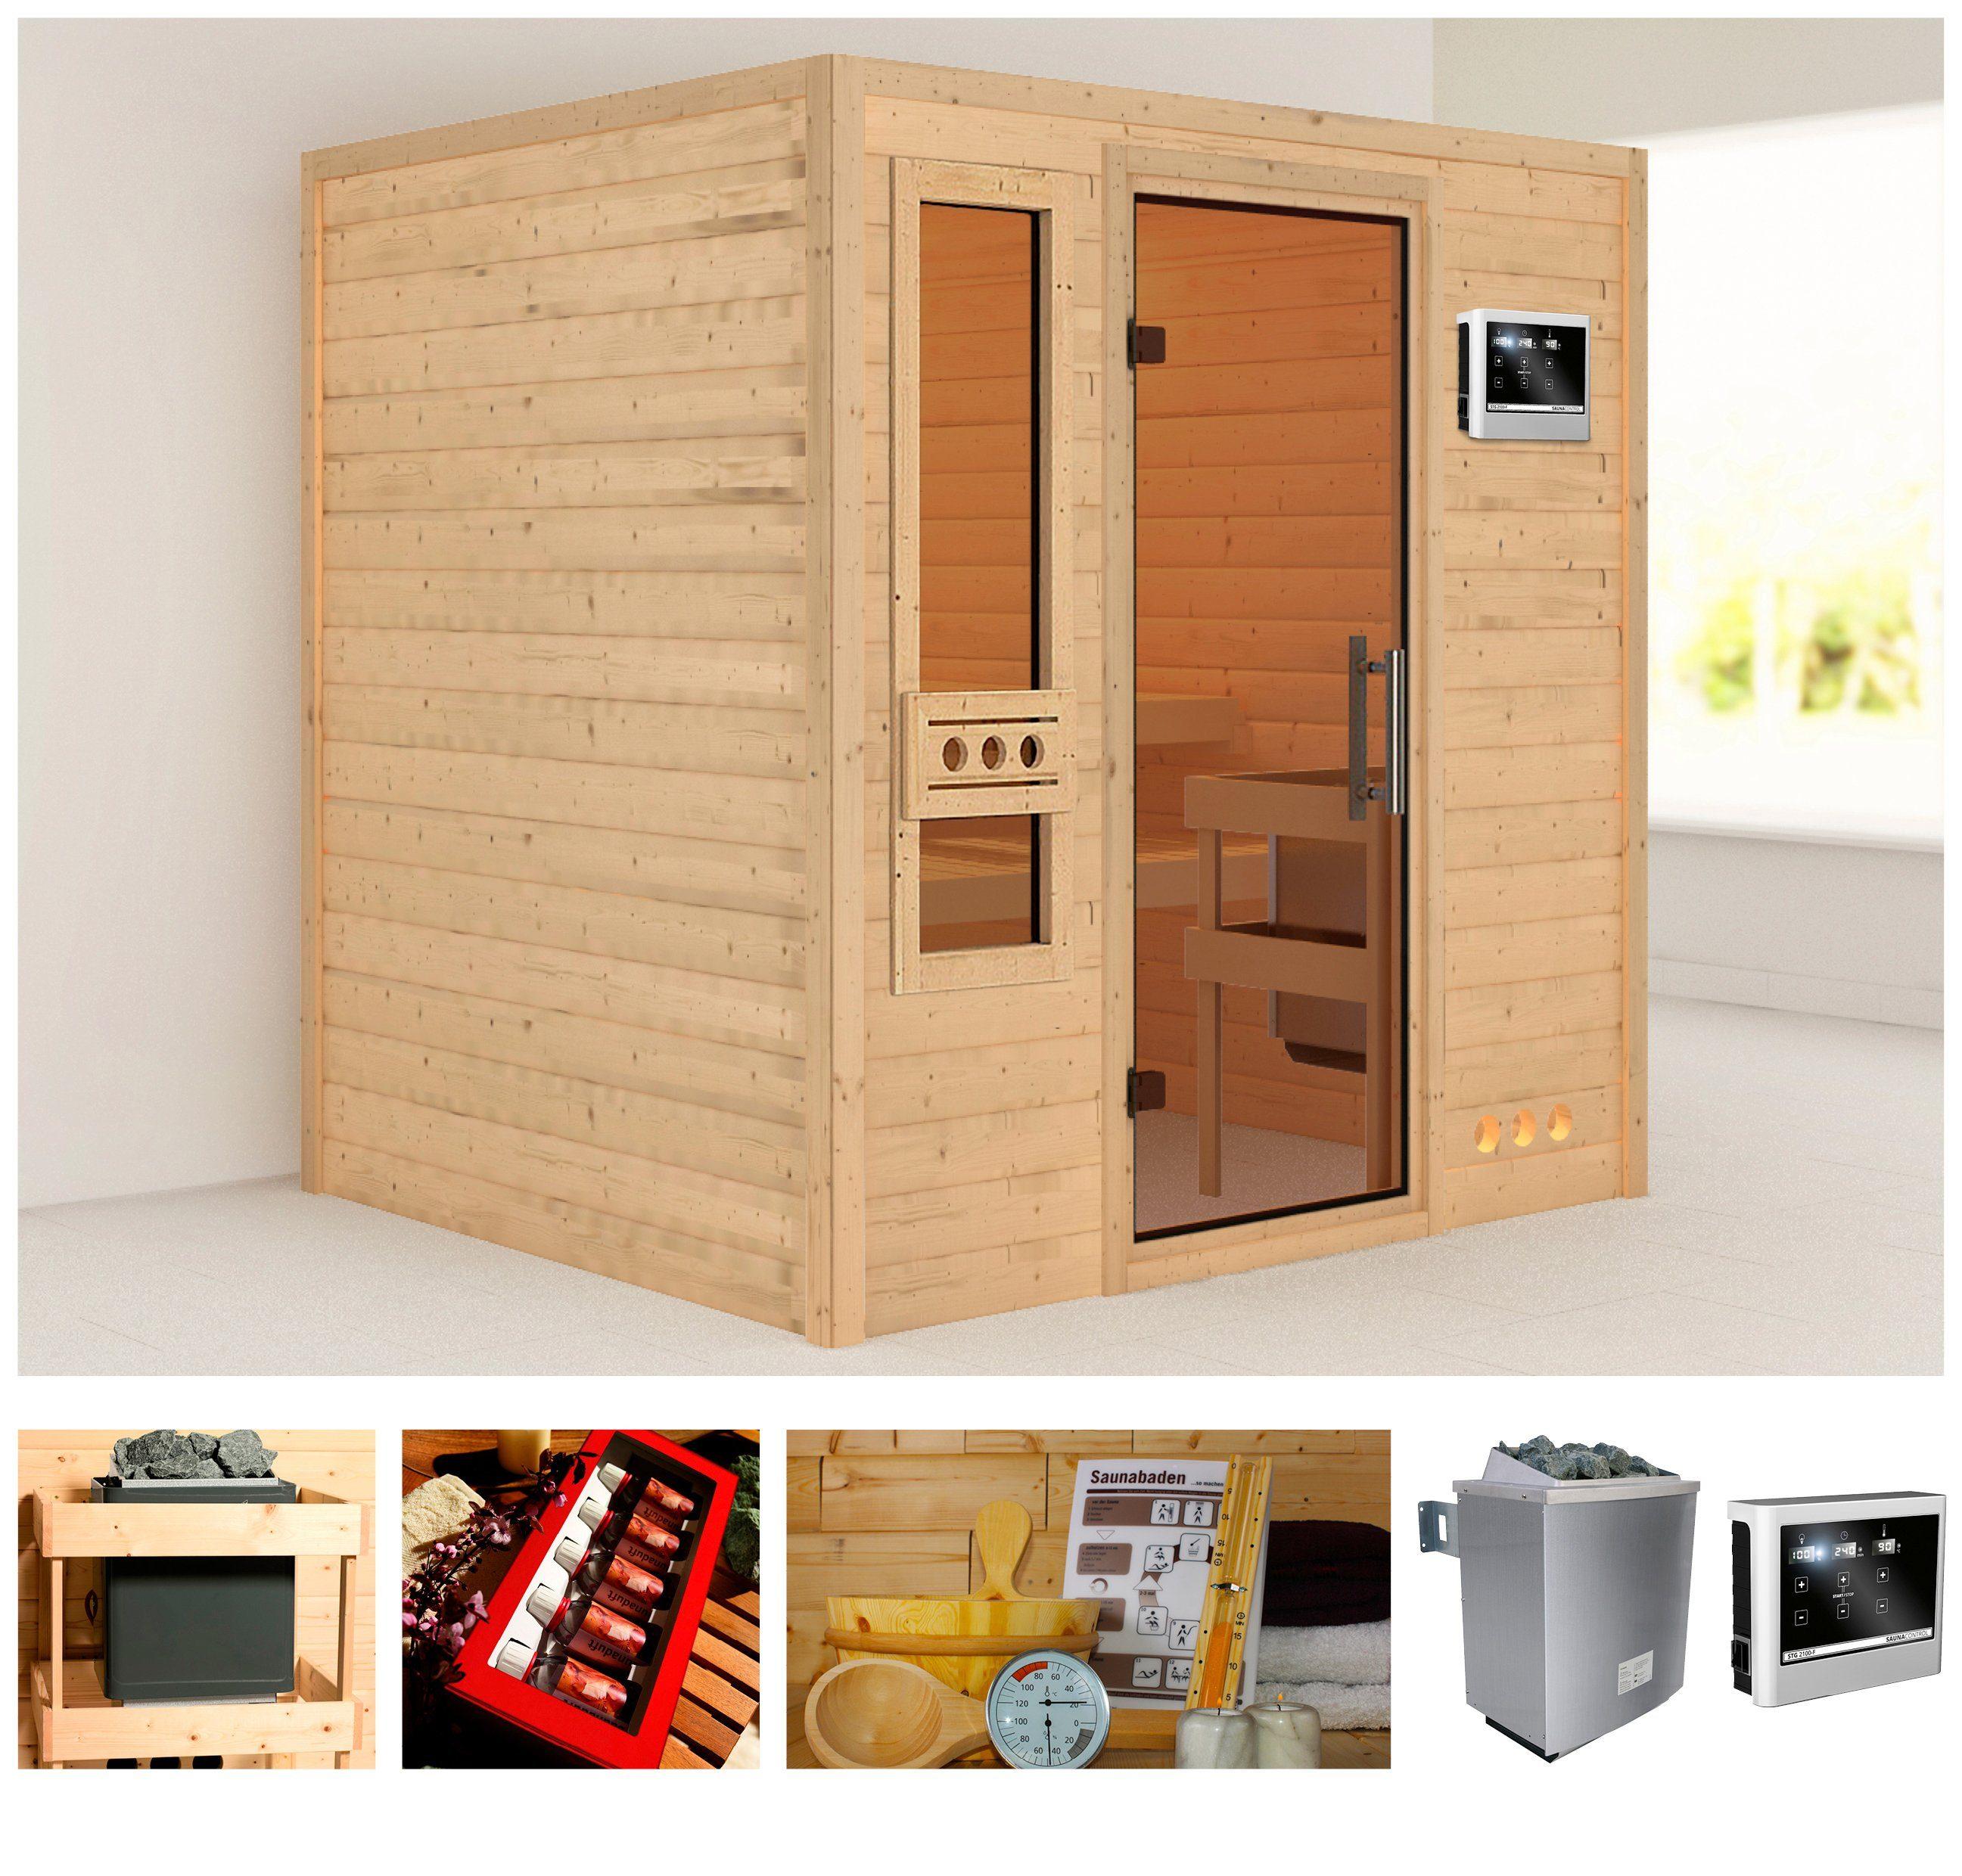 KONIFERA Sauna »Rissani«, 224/184/191 cm, 38 mm, 9-kW-Ofen mit ext. Steuerung